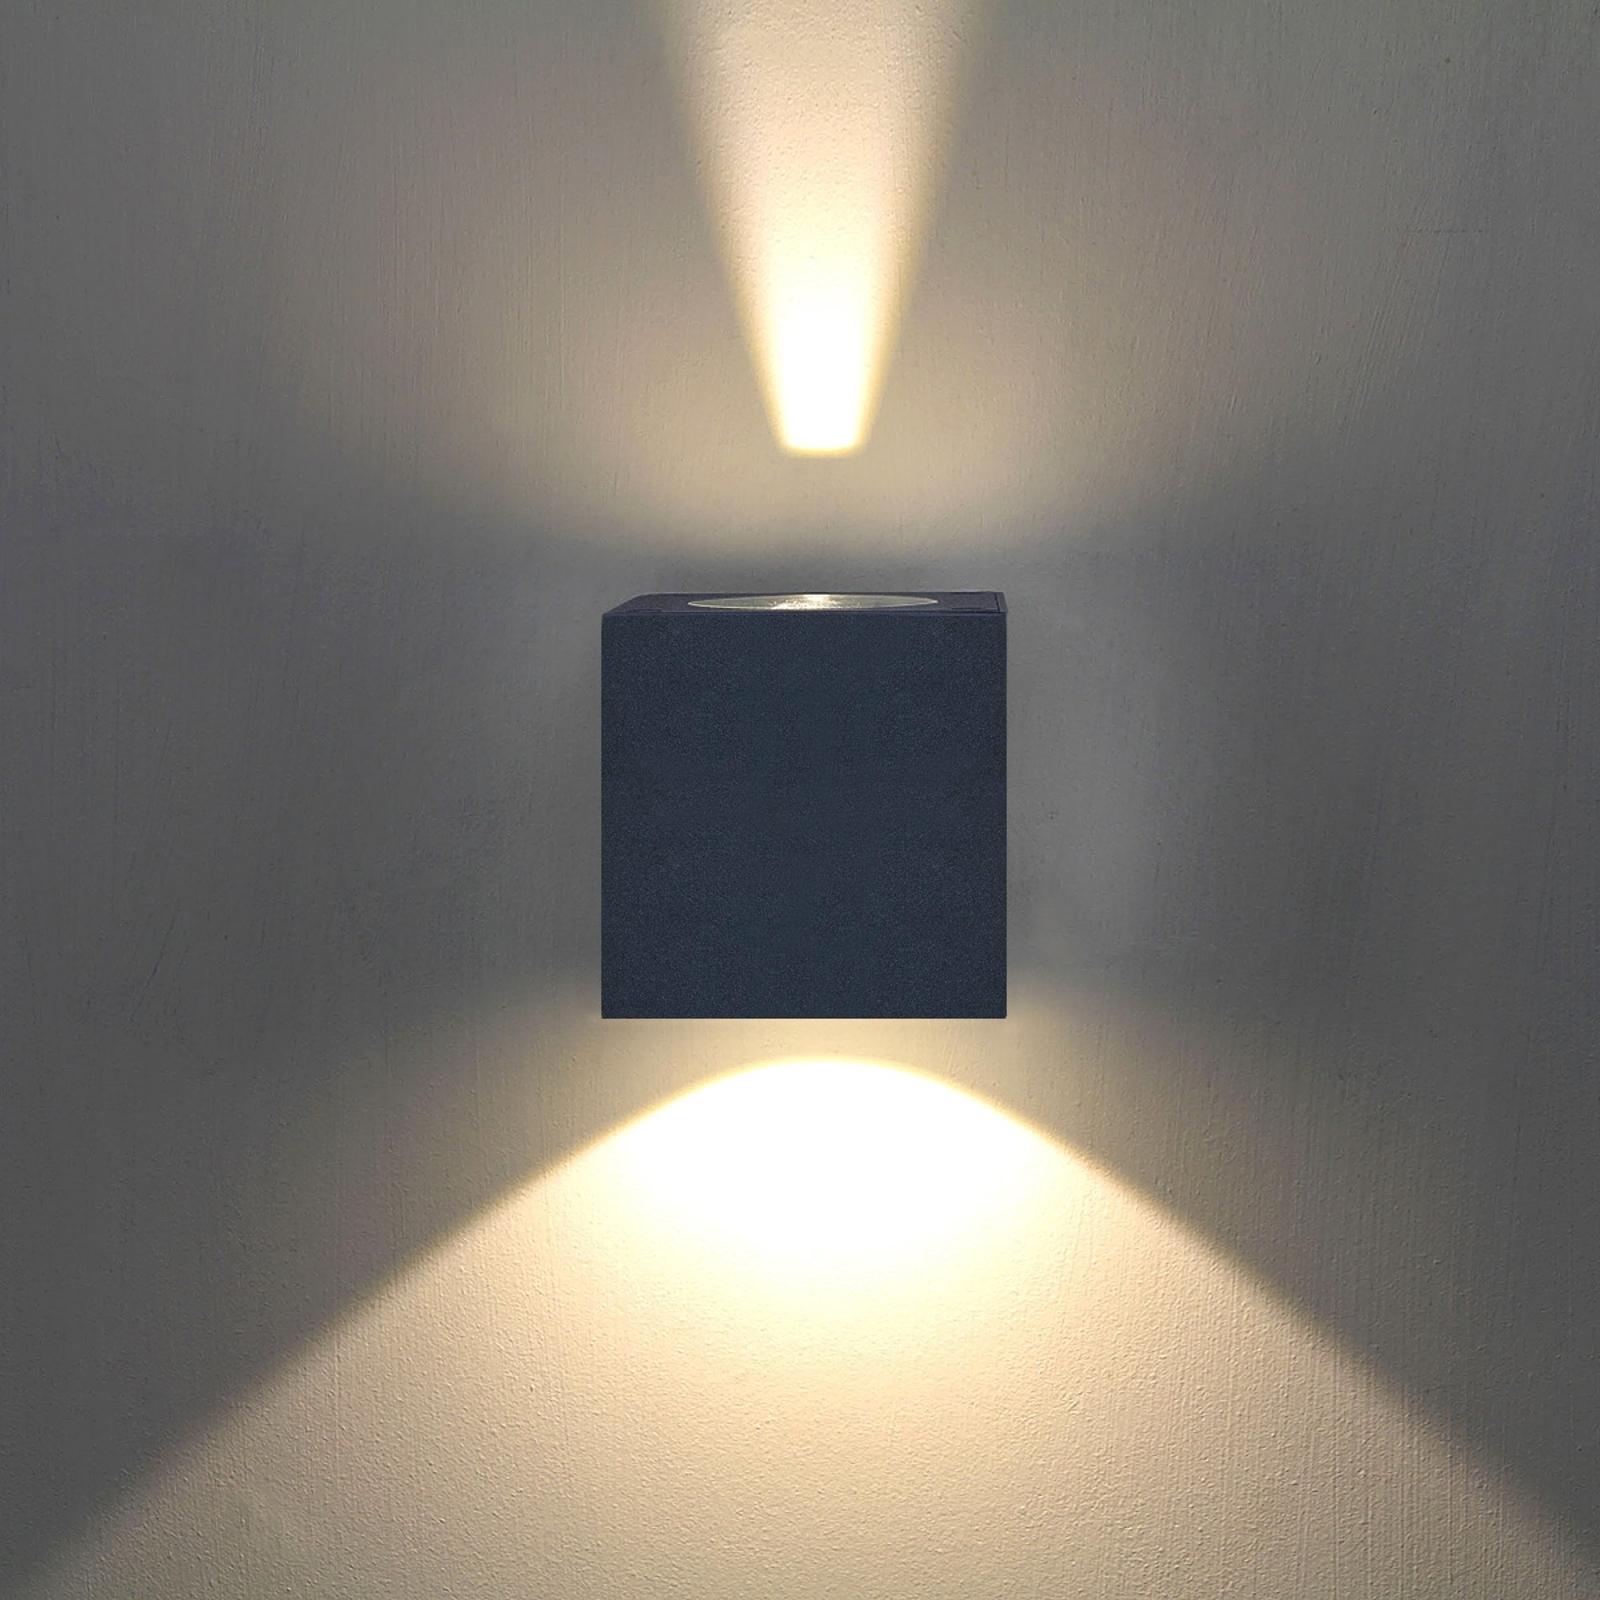 Jarno utendørs LED-vegglampe i grafitt